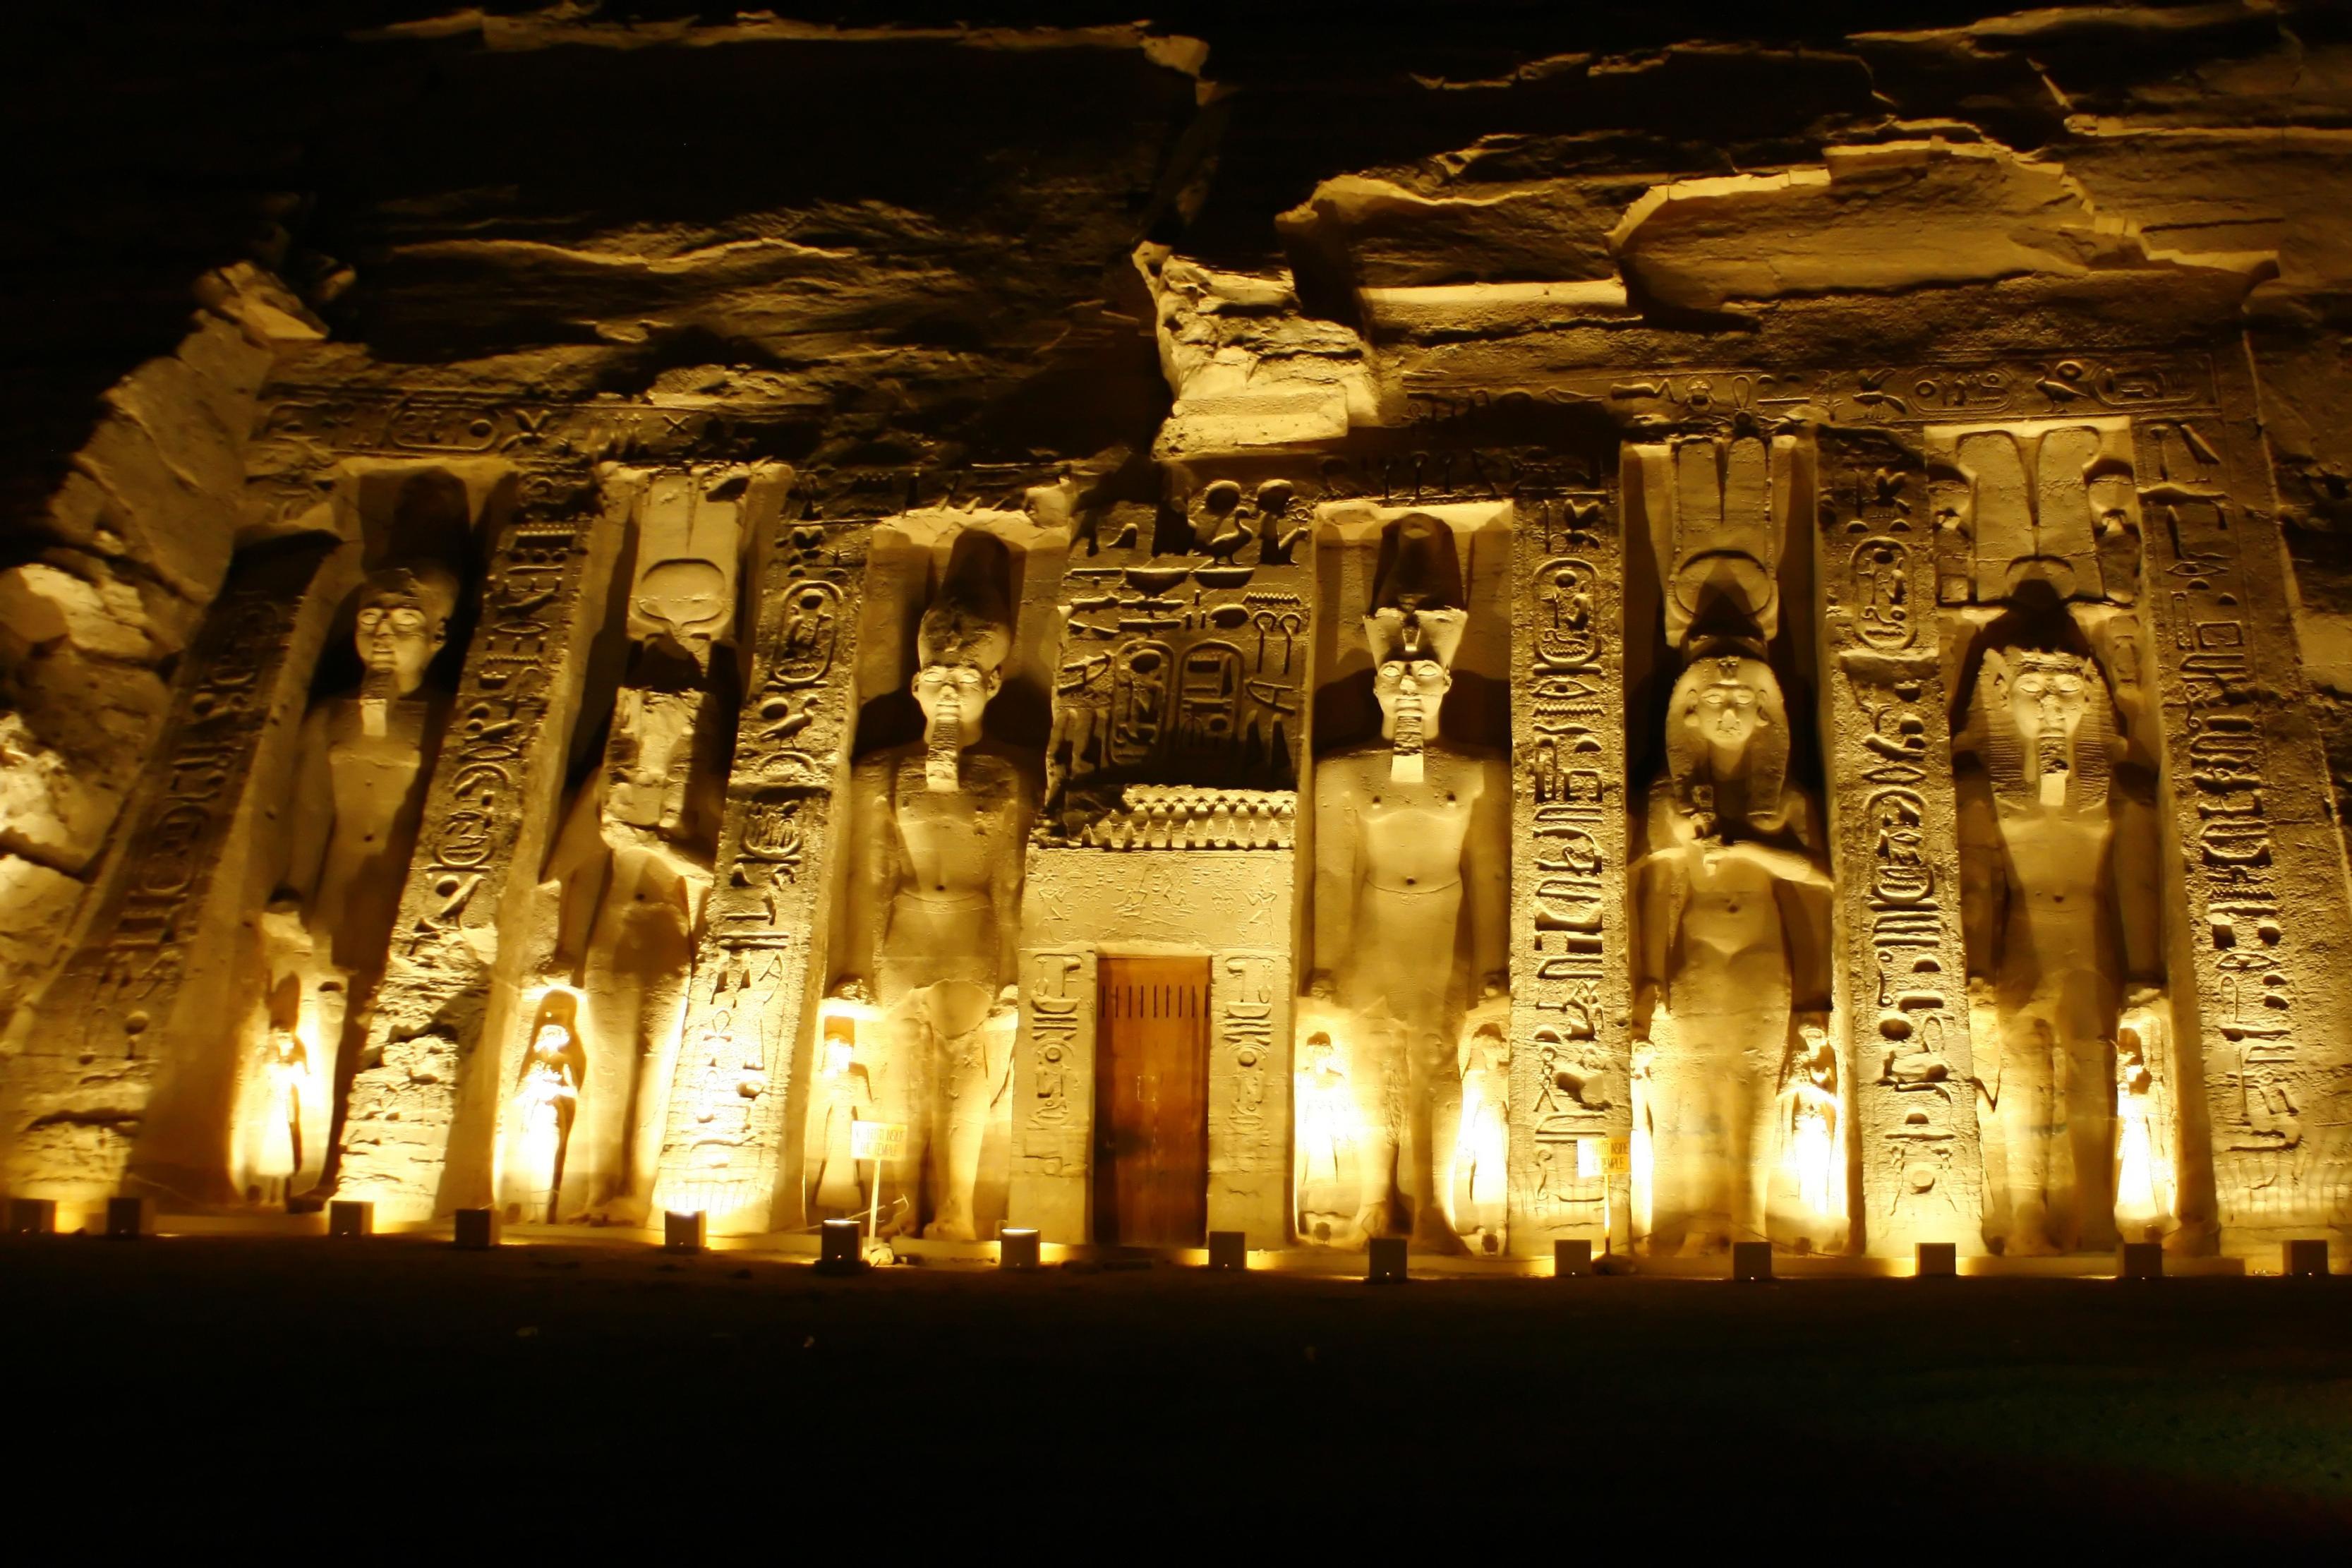 صورة موضوع عن حب مصر , اجمل واحلى بلاد فى العالم هى ام الدنيا 11723 1